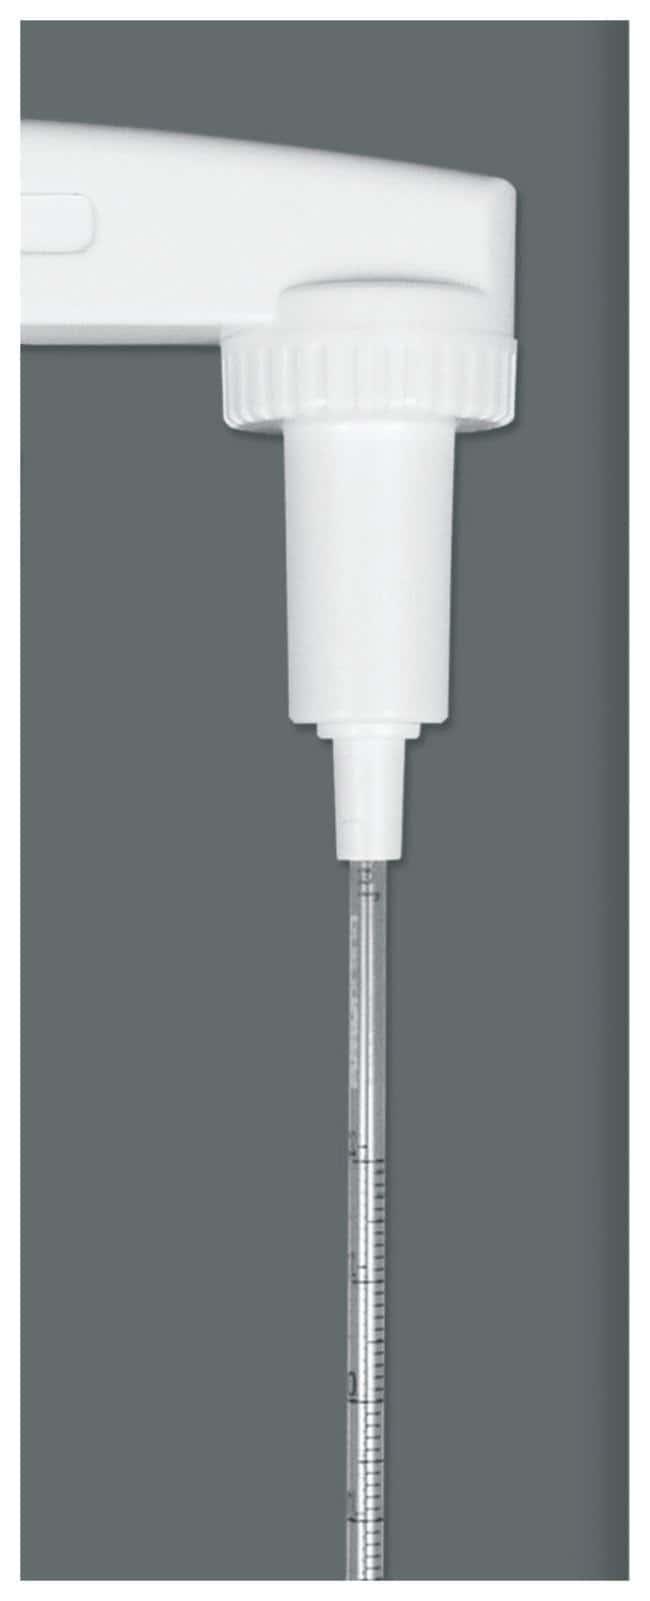 Thermo Scientific S1 Pipet Filler Accessories